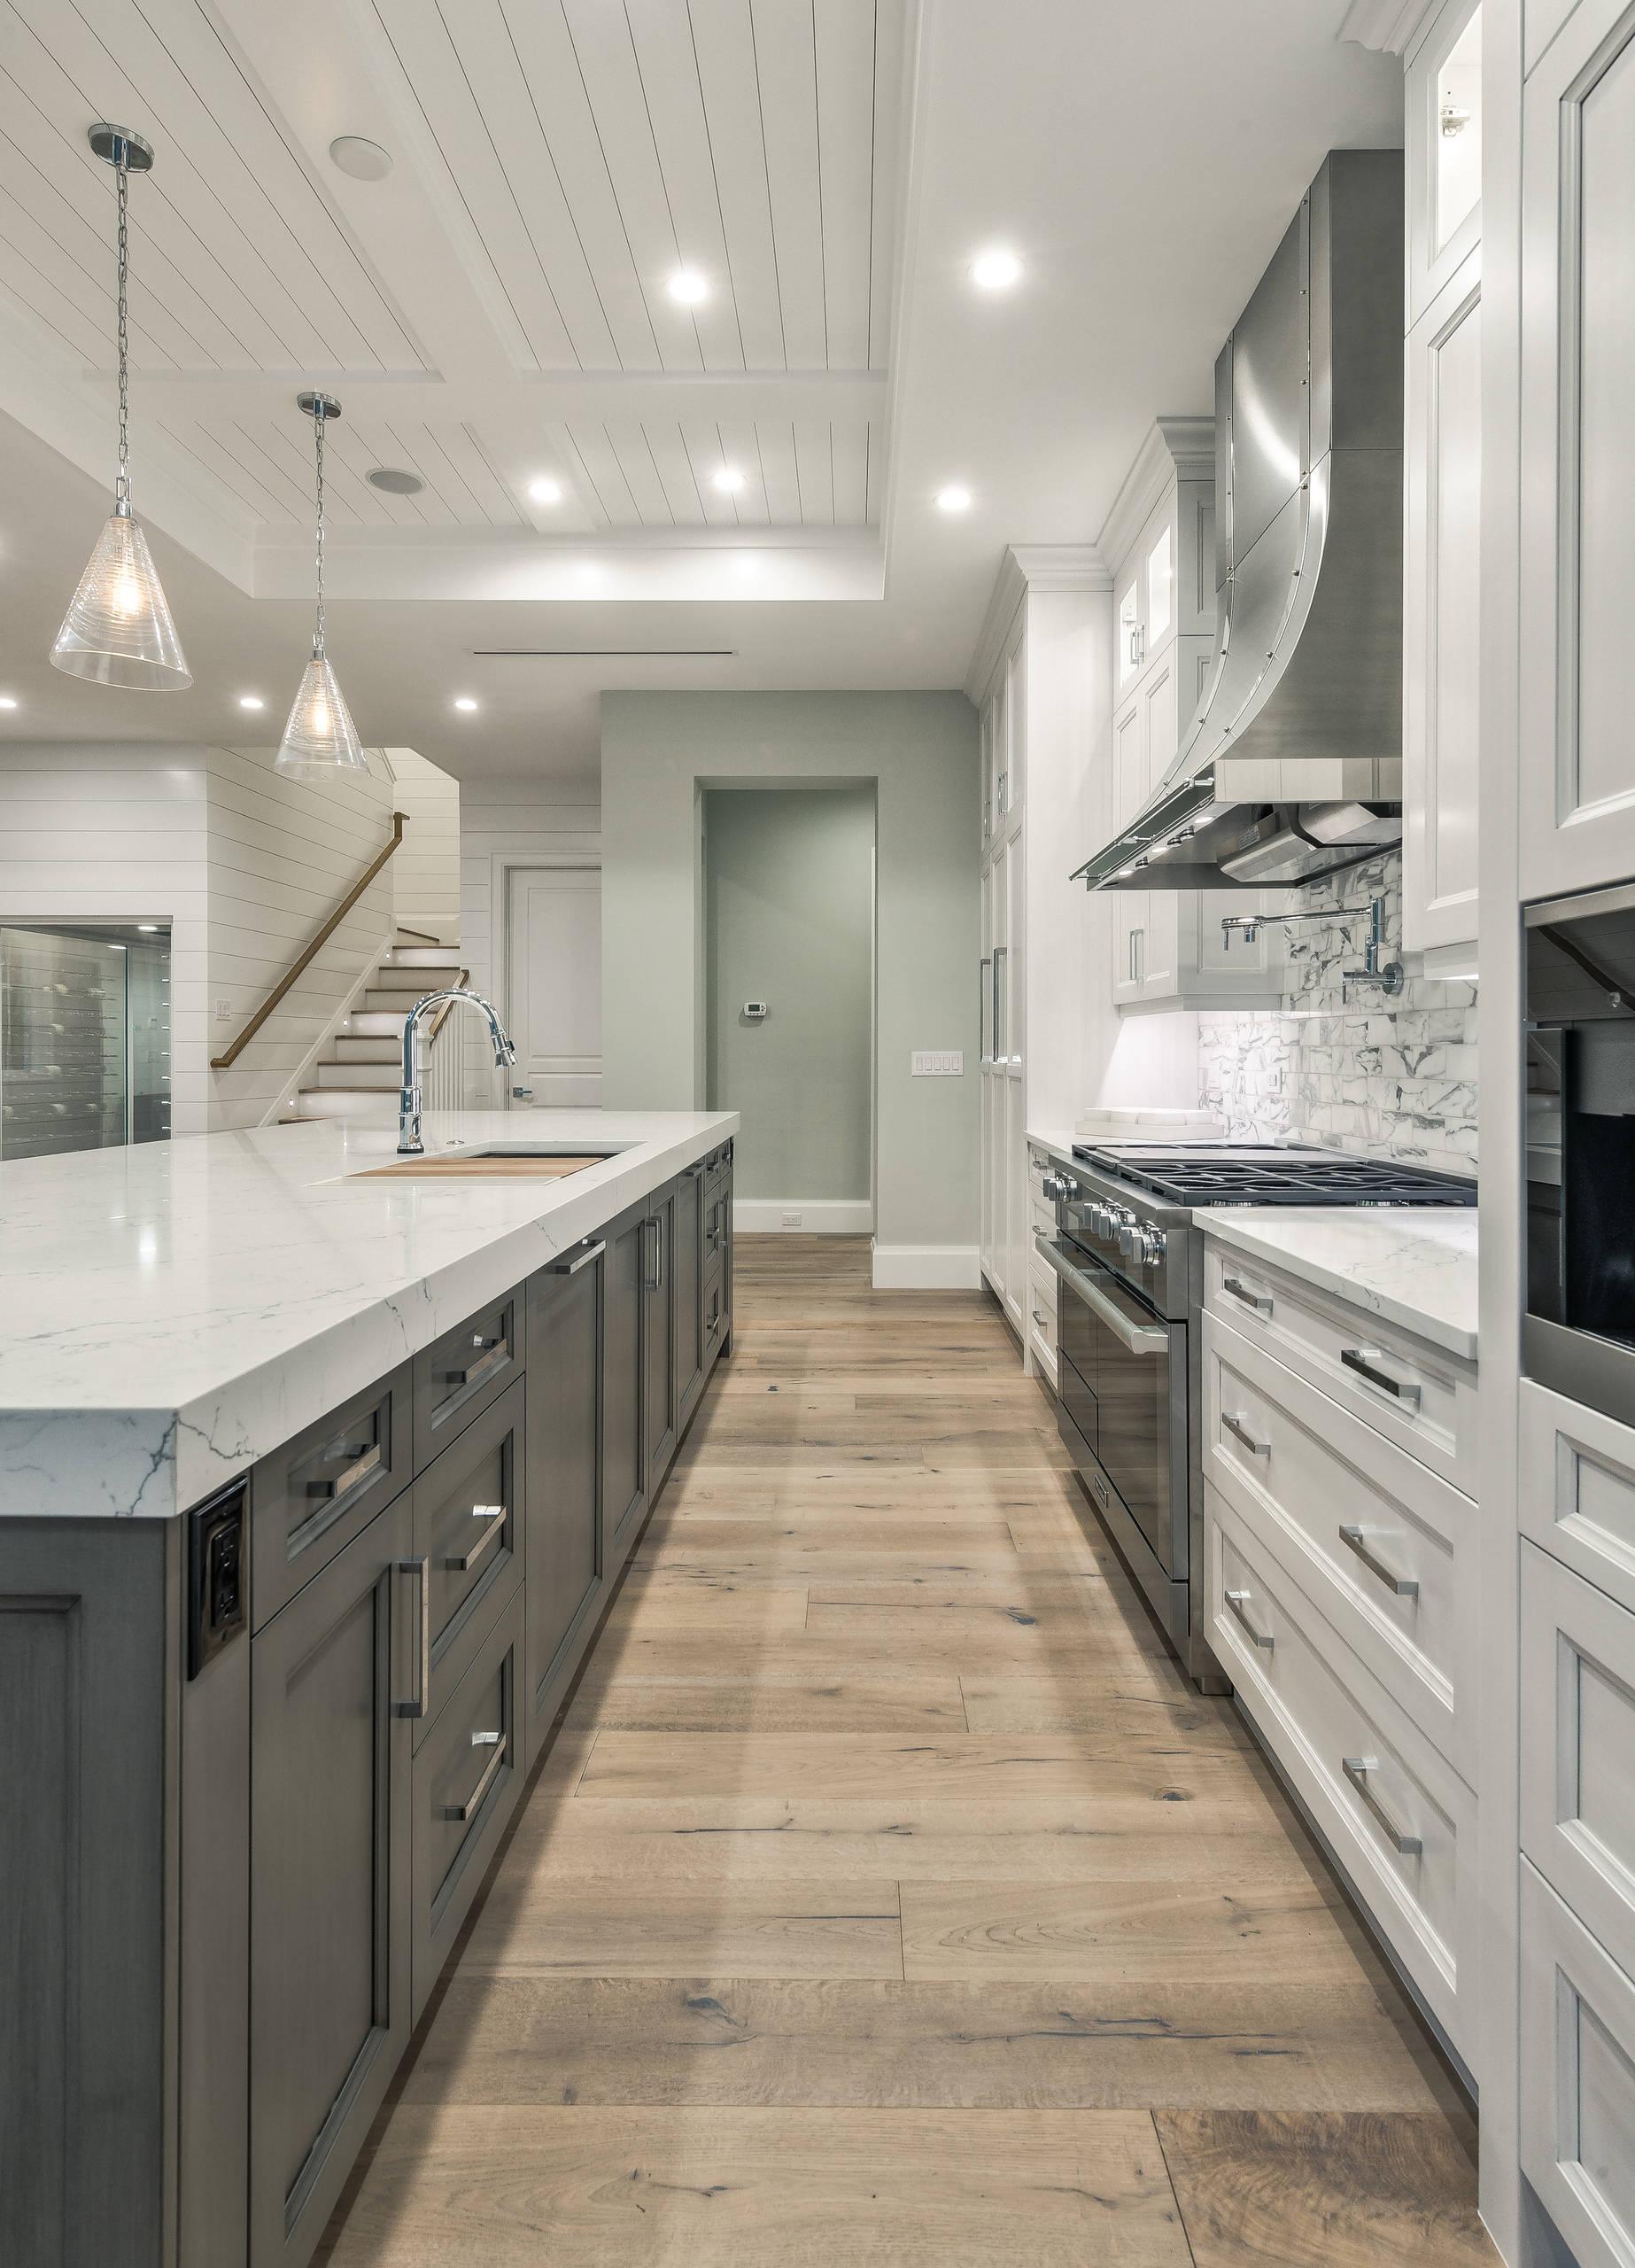 Kitchen Decor Ideas For Modern Kitchen My Decorative